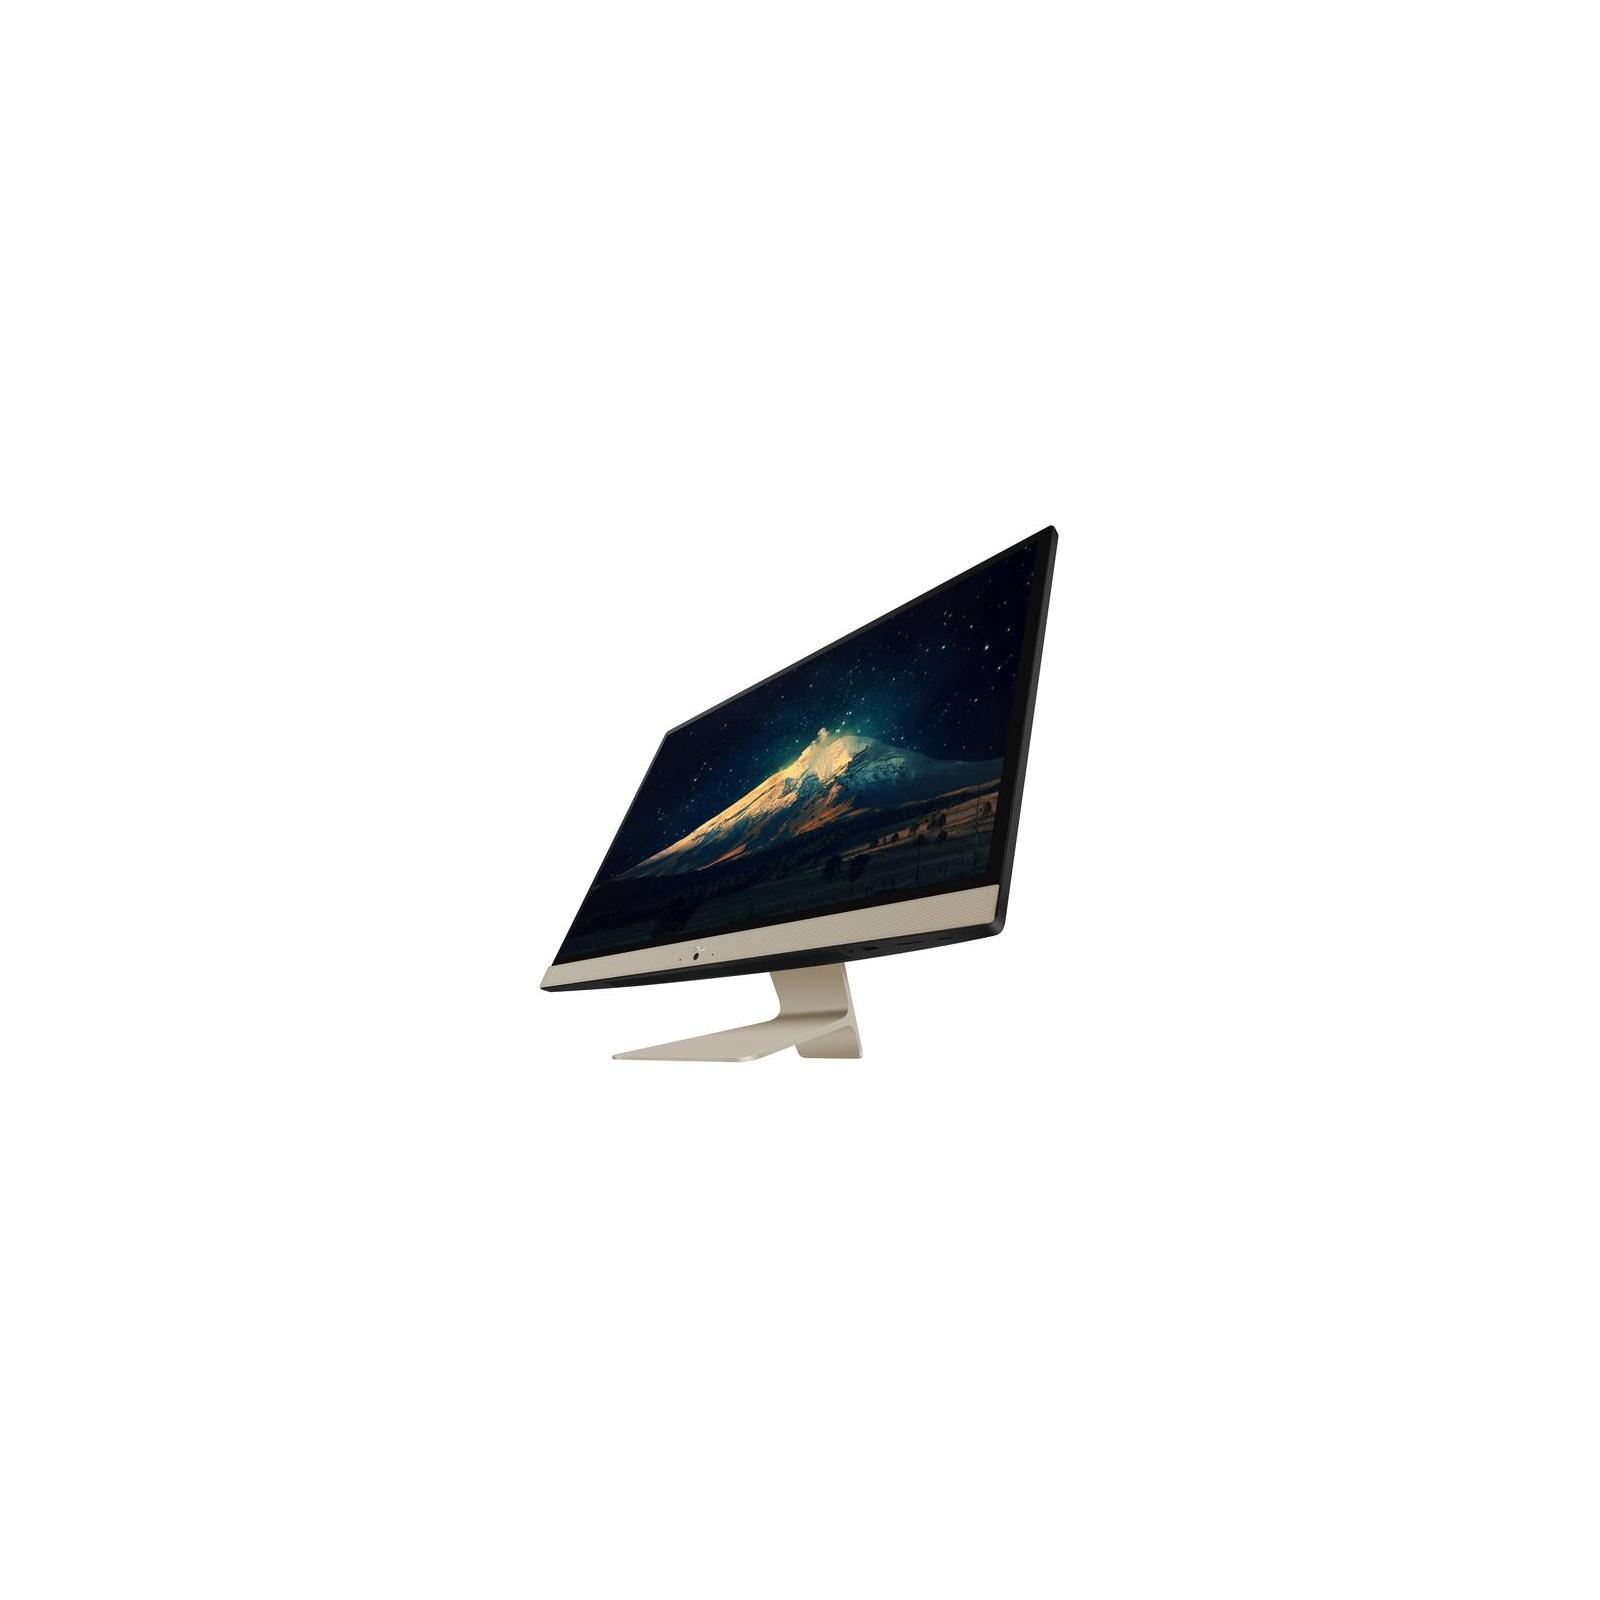 Компьютер ASUS V272UNT-BA002R (90PT0241-M00220) изображение 3